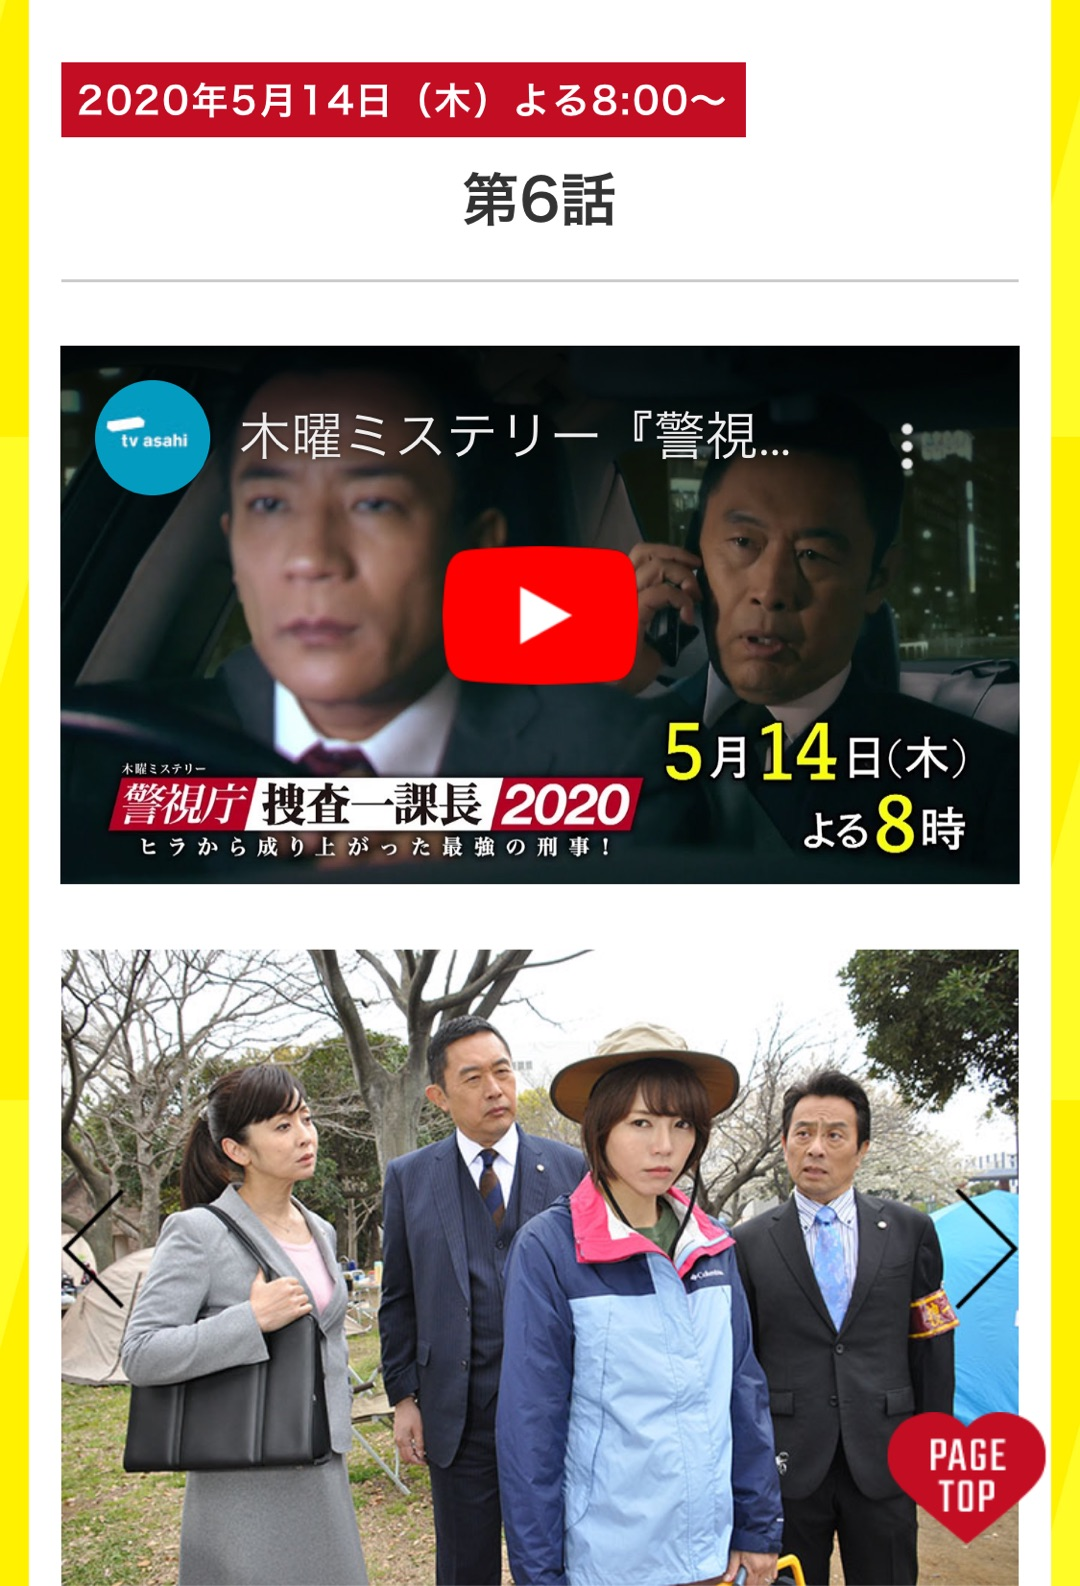 課長 ゲスト 一 捜査 2020